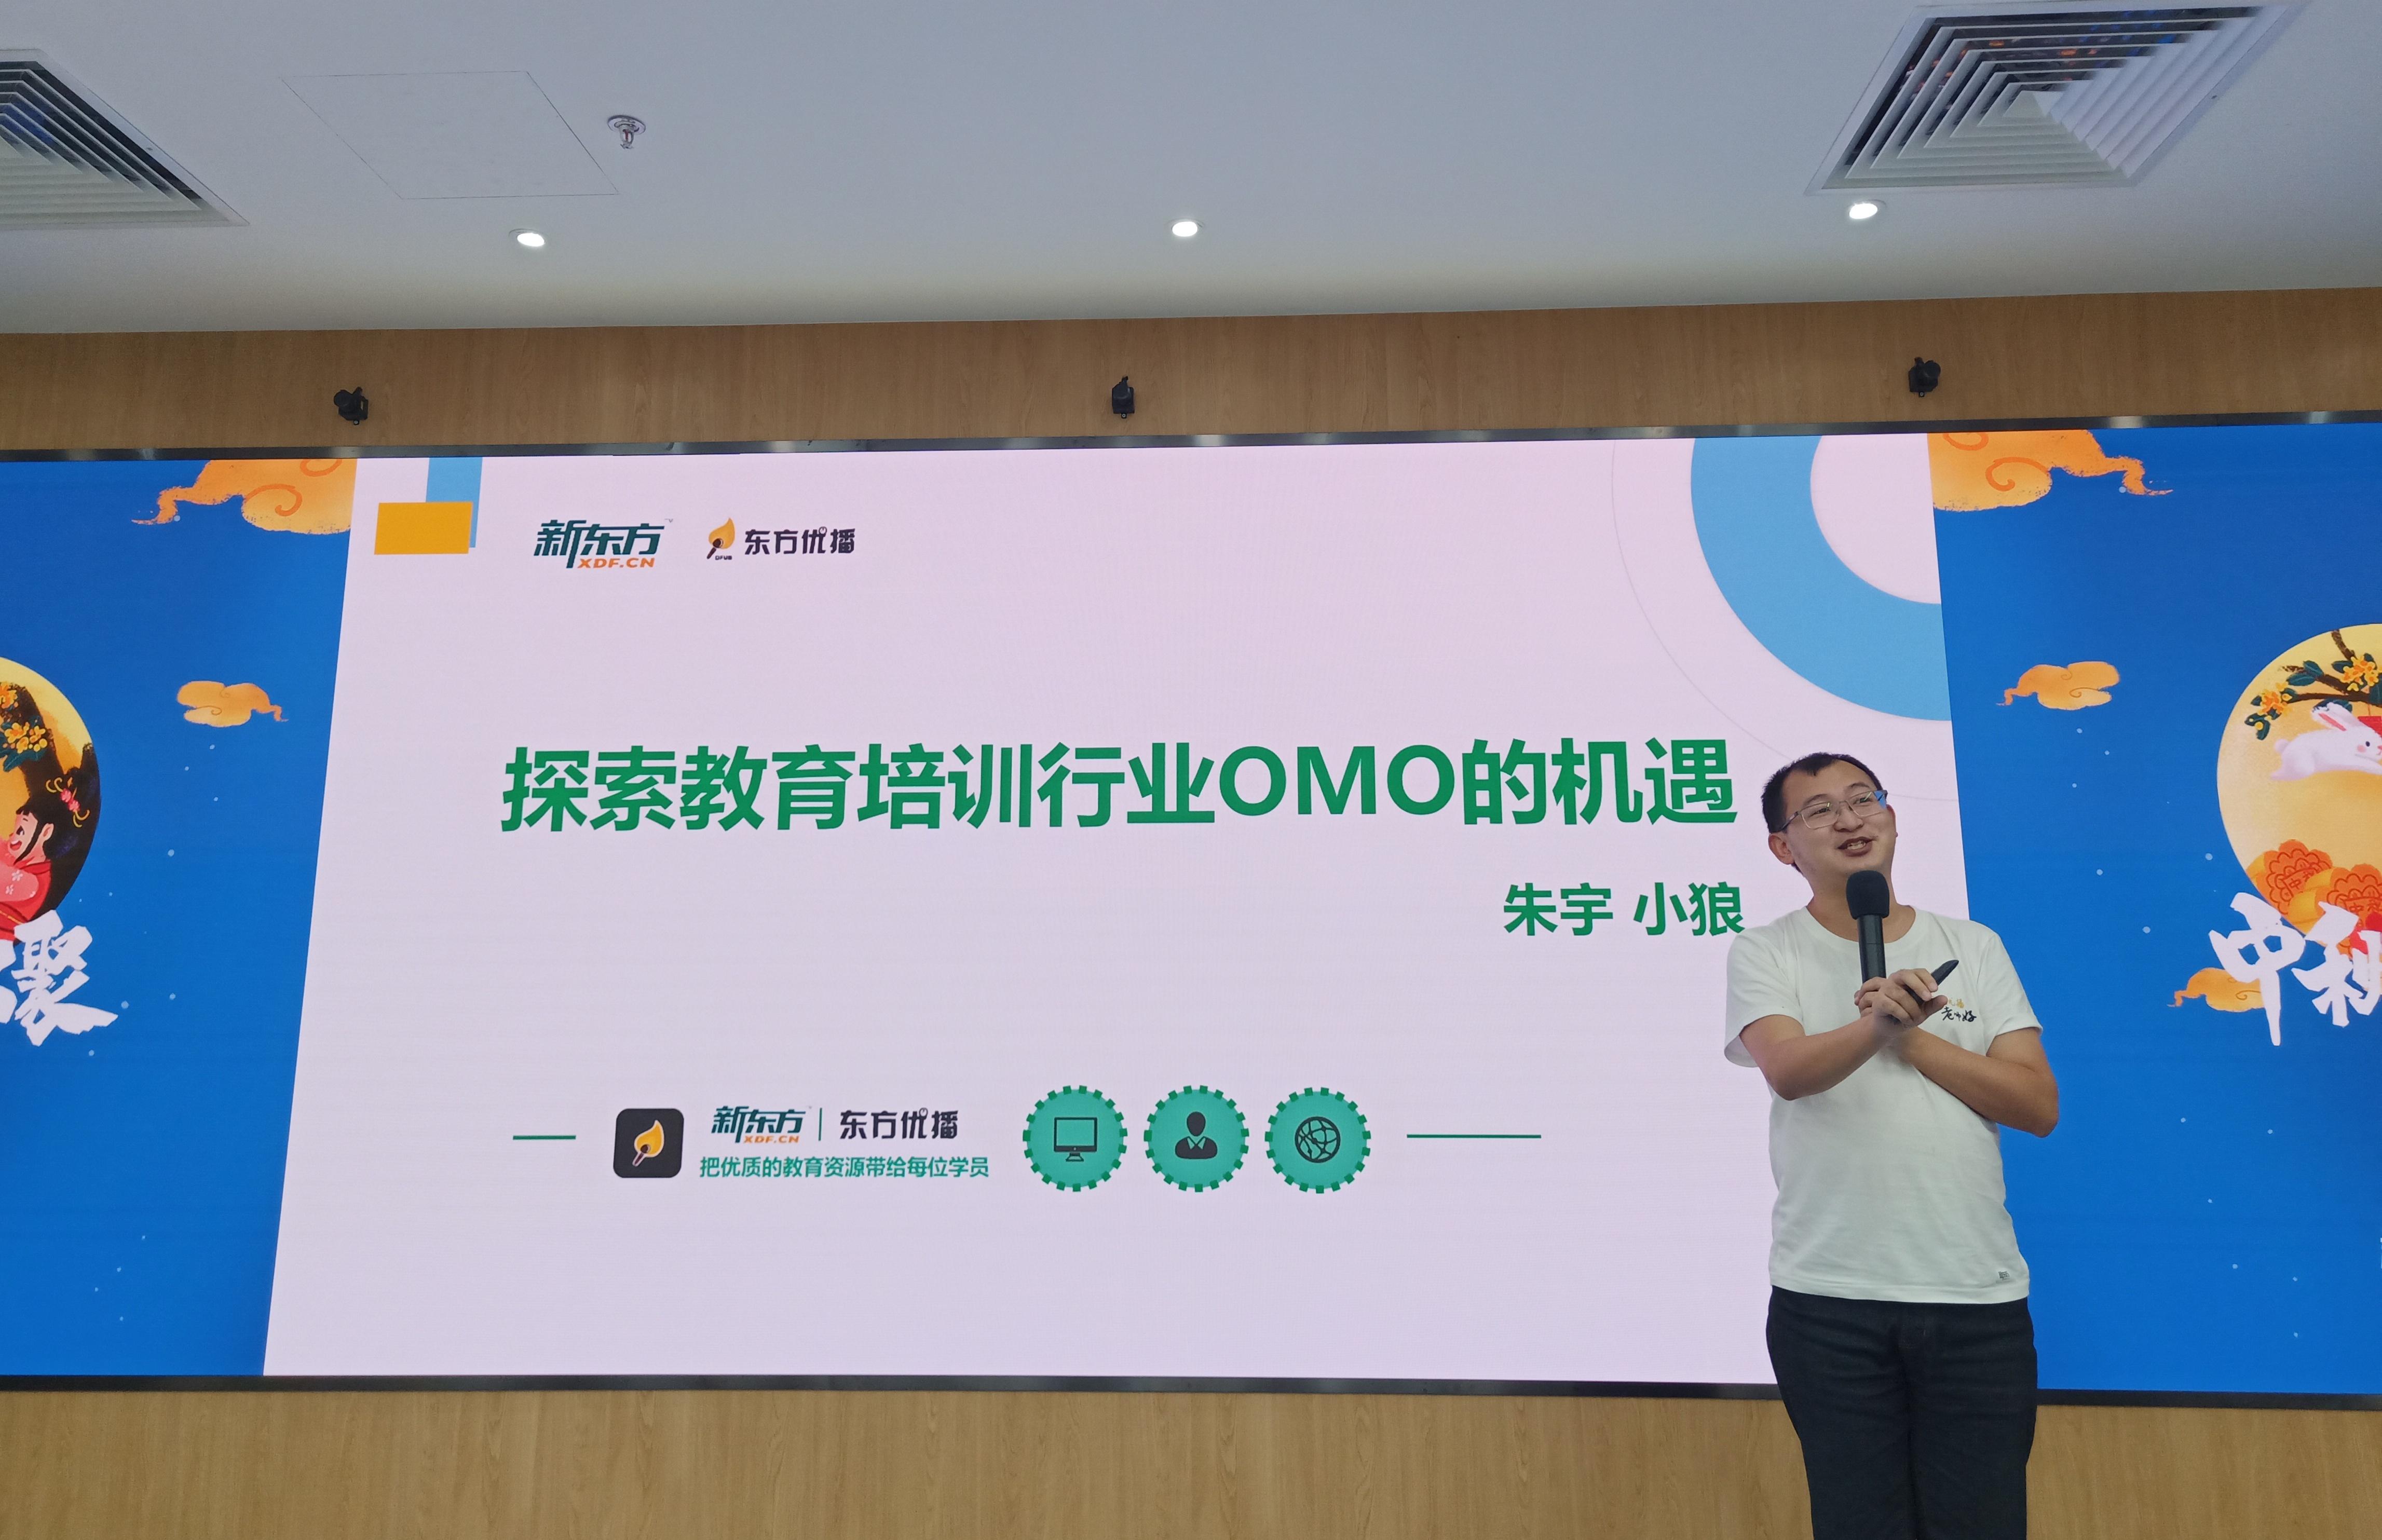 朱宇:OMO是教培行业发展的必然方向